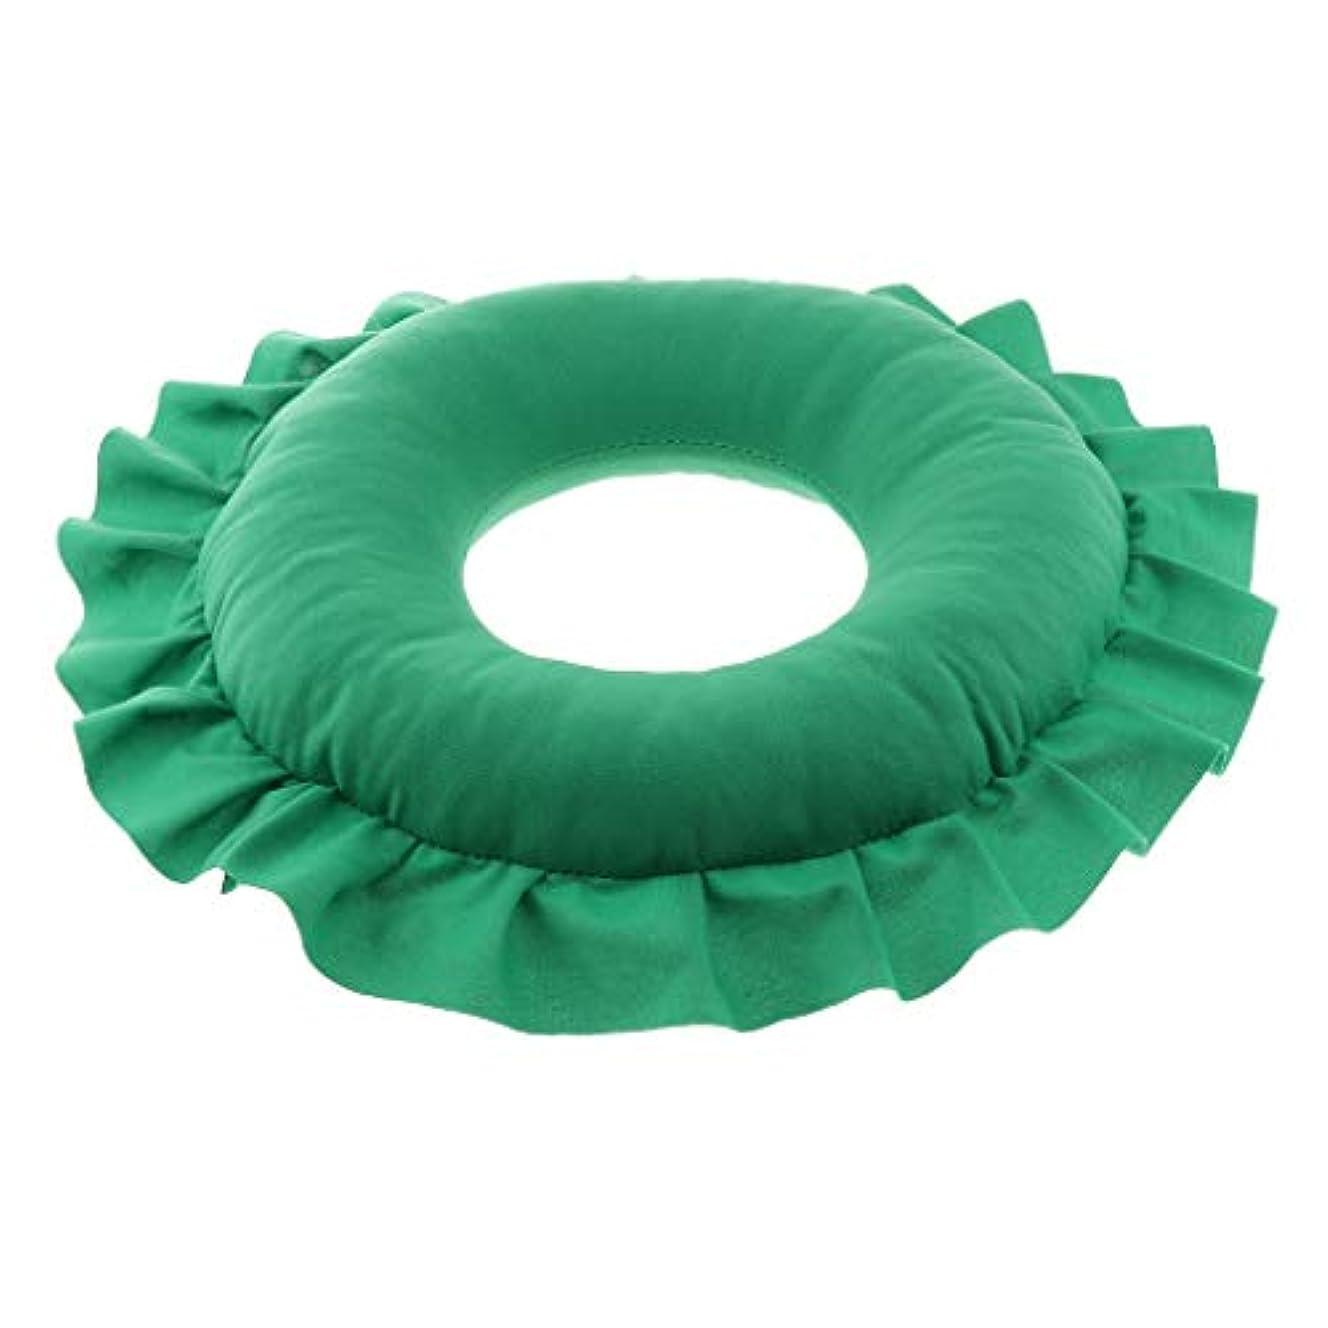 終点必需品アイロニーCUTICATE 全4色 洗えるピロー フェイスピロー 顔枕 マッサージベッド 美容院 ソフト 軽量 快適 - 緑